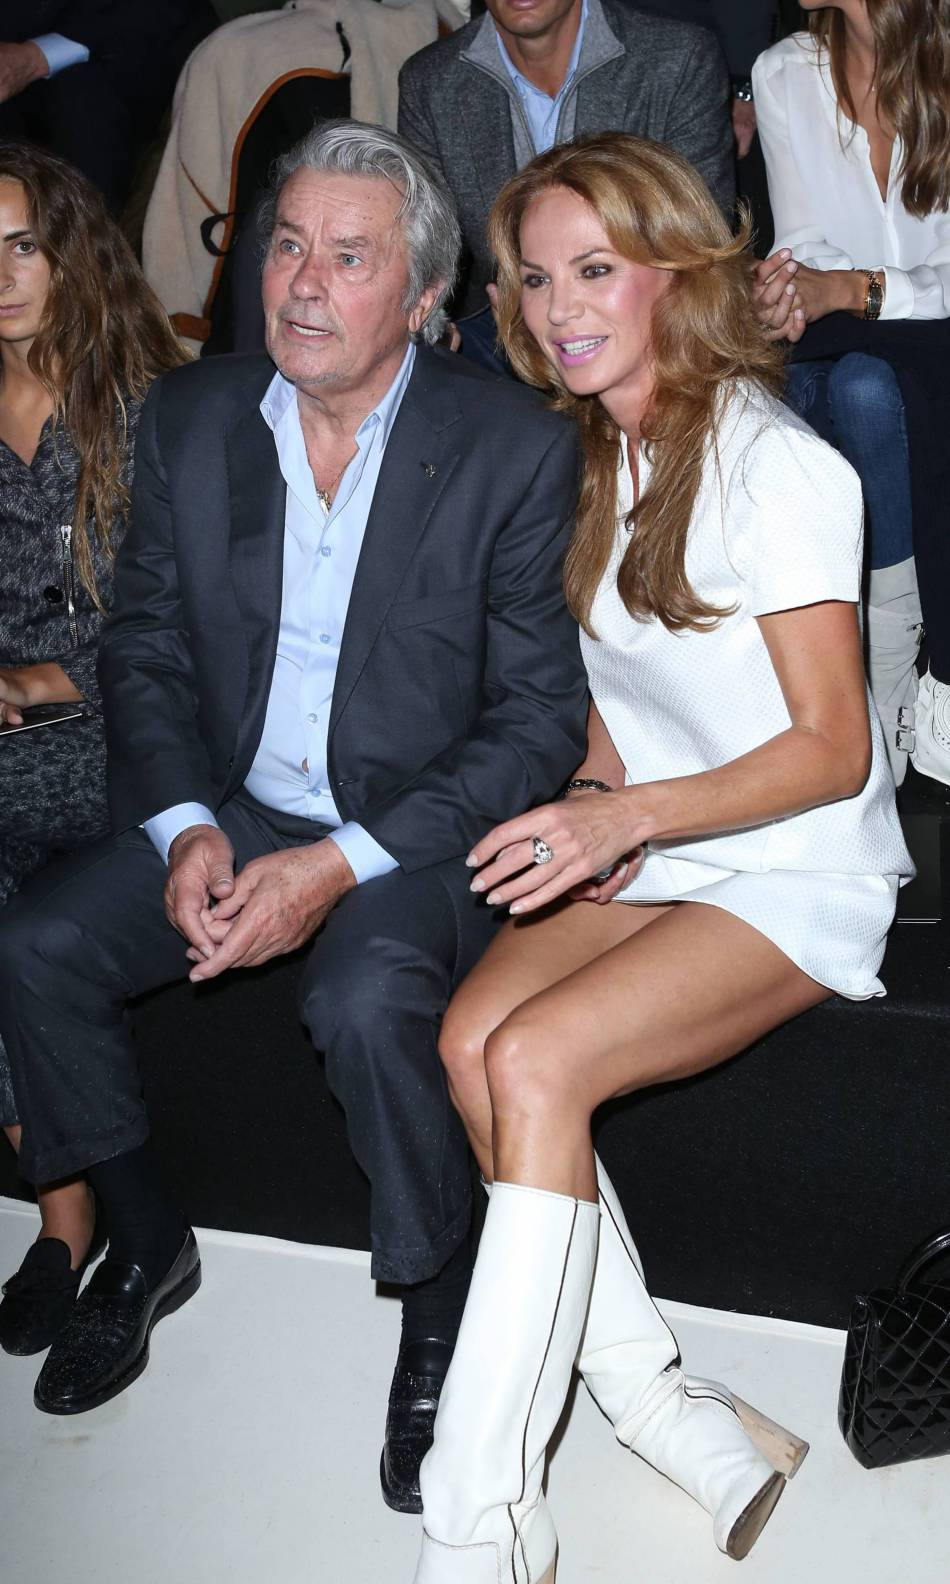 recherche femme celibataire gratuit Cannes